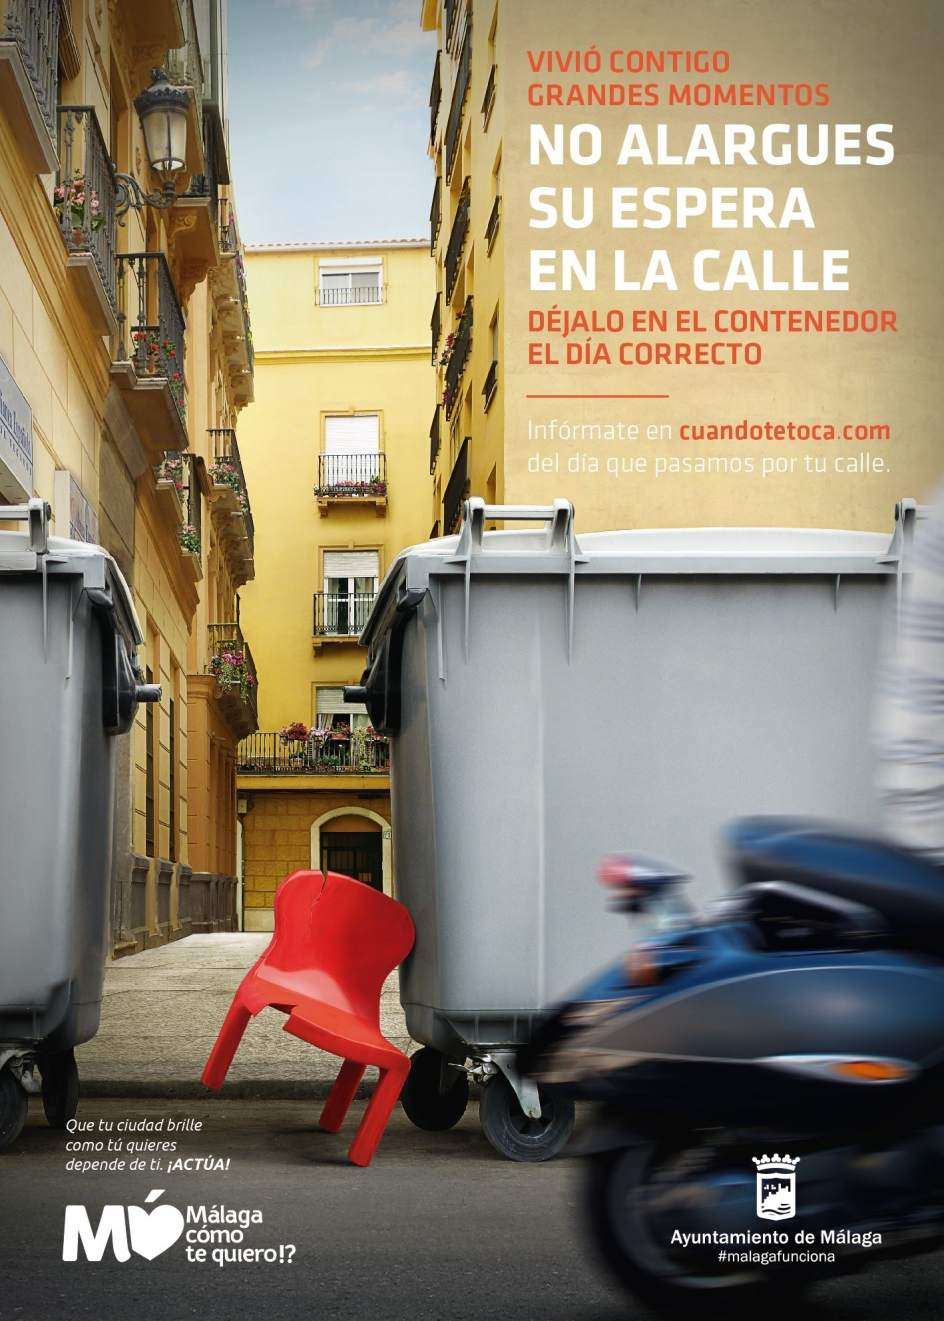 Ayuntamiento de m laga pone en marcha una web que informa for Recogida muebles cadiz